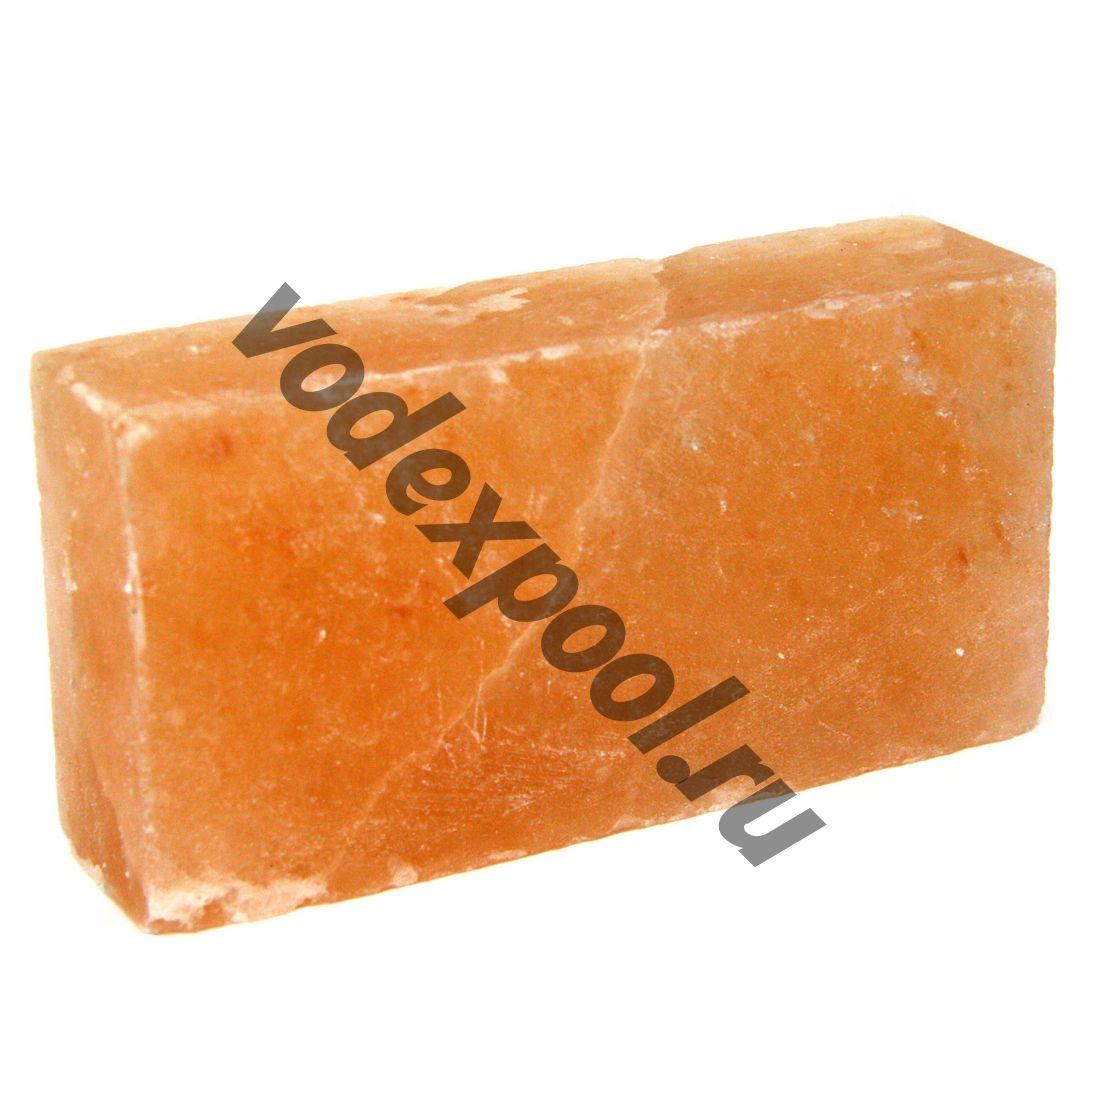 Кирпич соляной 200мм*100мм*50мм сторона шлифованная